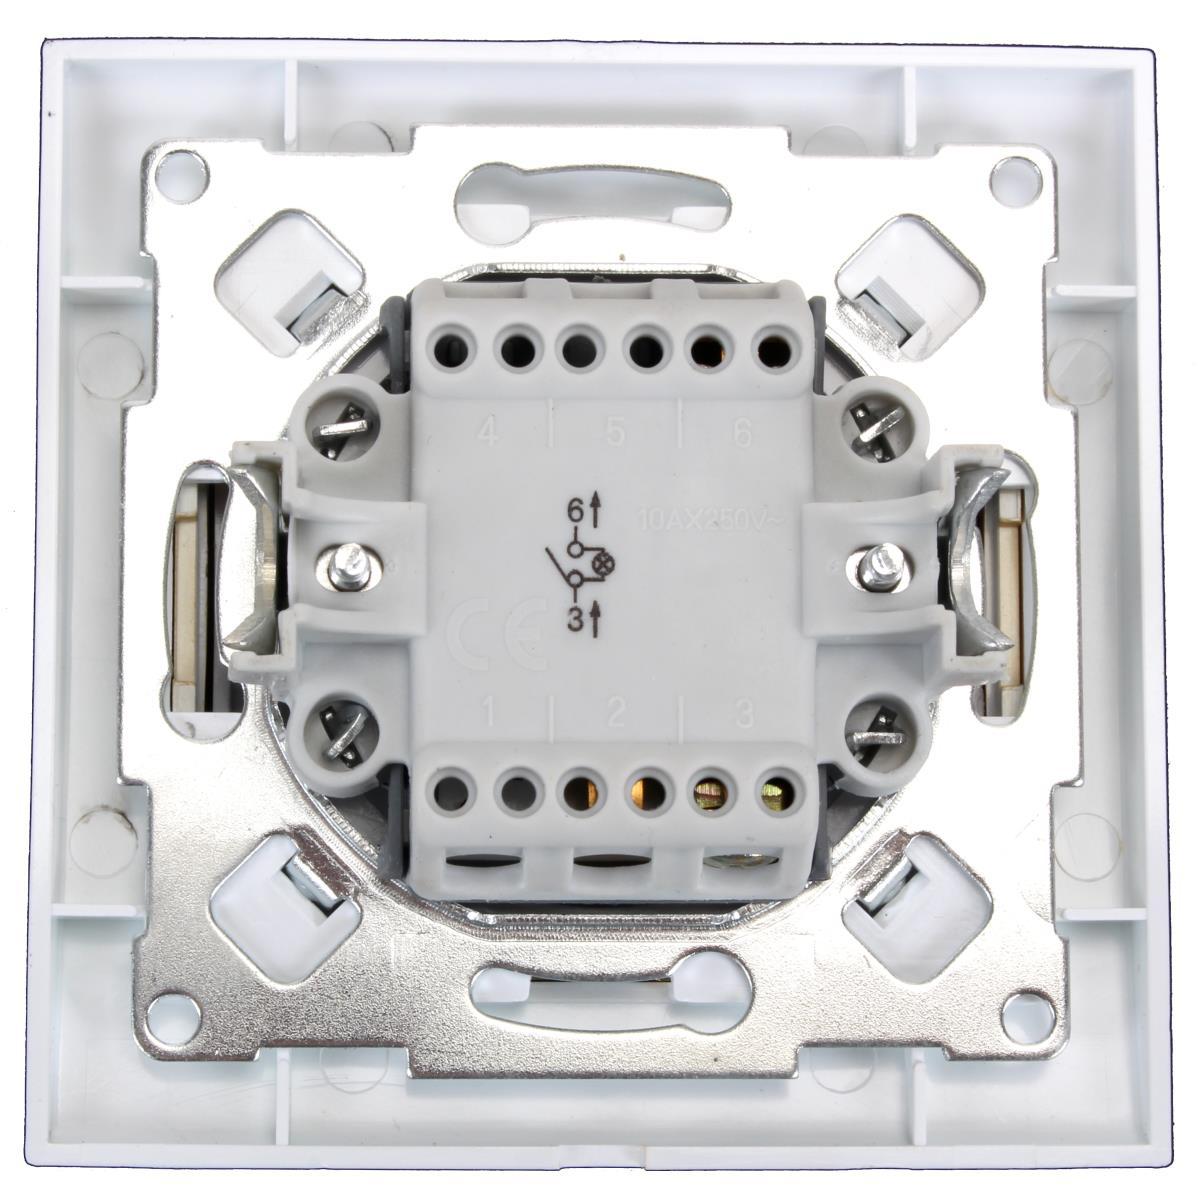 Unterputz Lichtschalter beleuchtet Farbe weiß/gold 10 A, 250 V,OKKO,9209-01N-G, 4772013048480